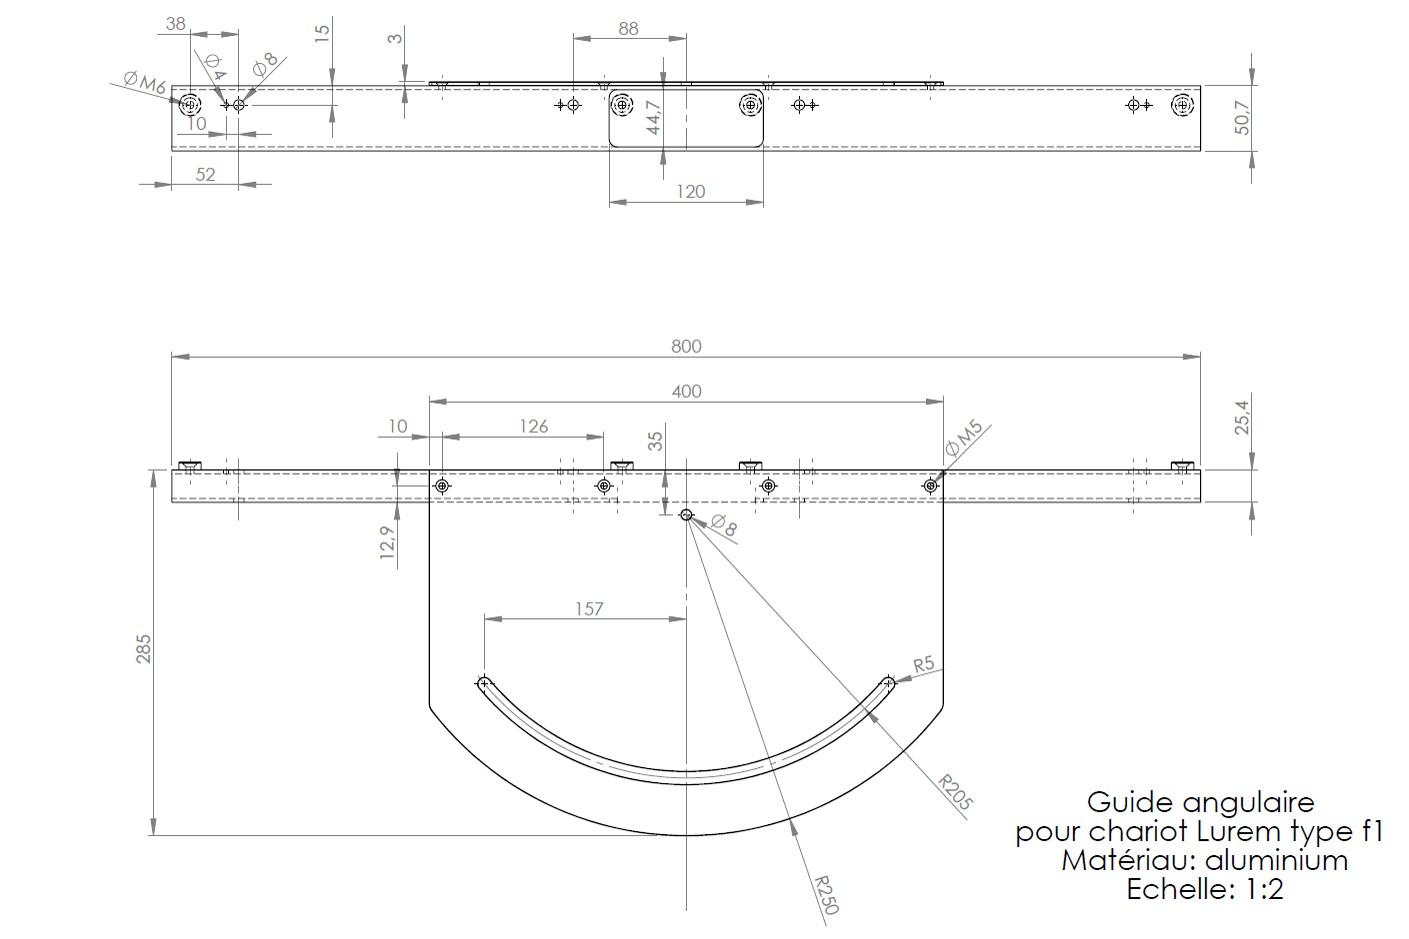 [Projet] Un nouveau guide angulaire pour chariot Lurem. - Page 3 Sans_t40